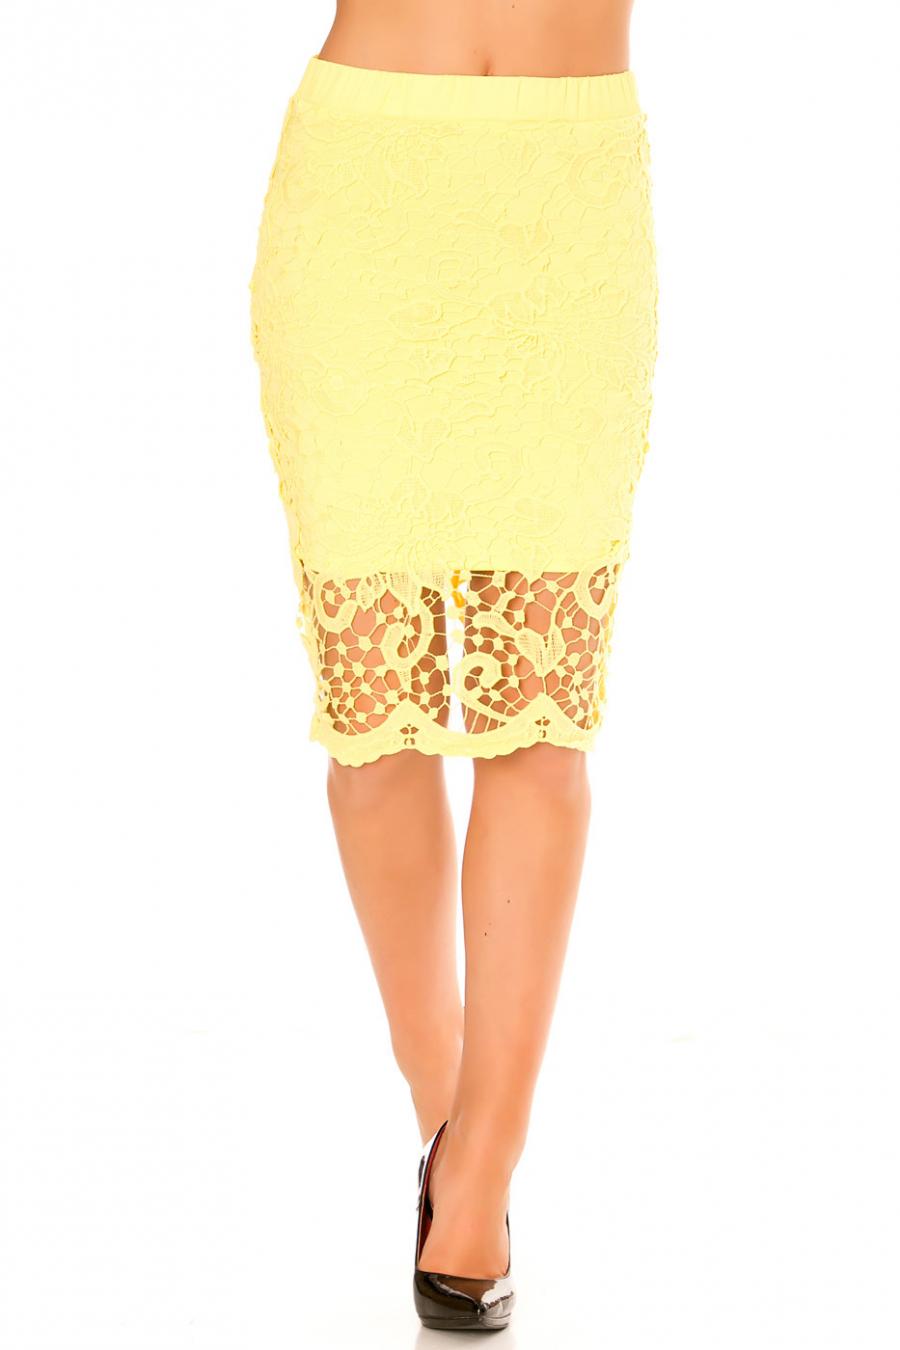 Magnifique jupe jaune 3/4 en dentelle. Vêtement mode tendance pour l'été. 13488